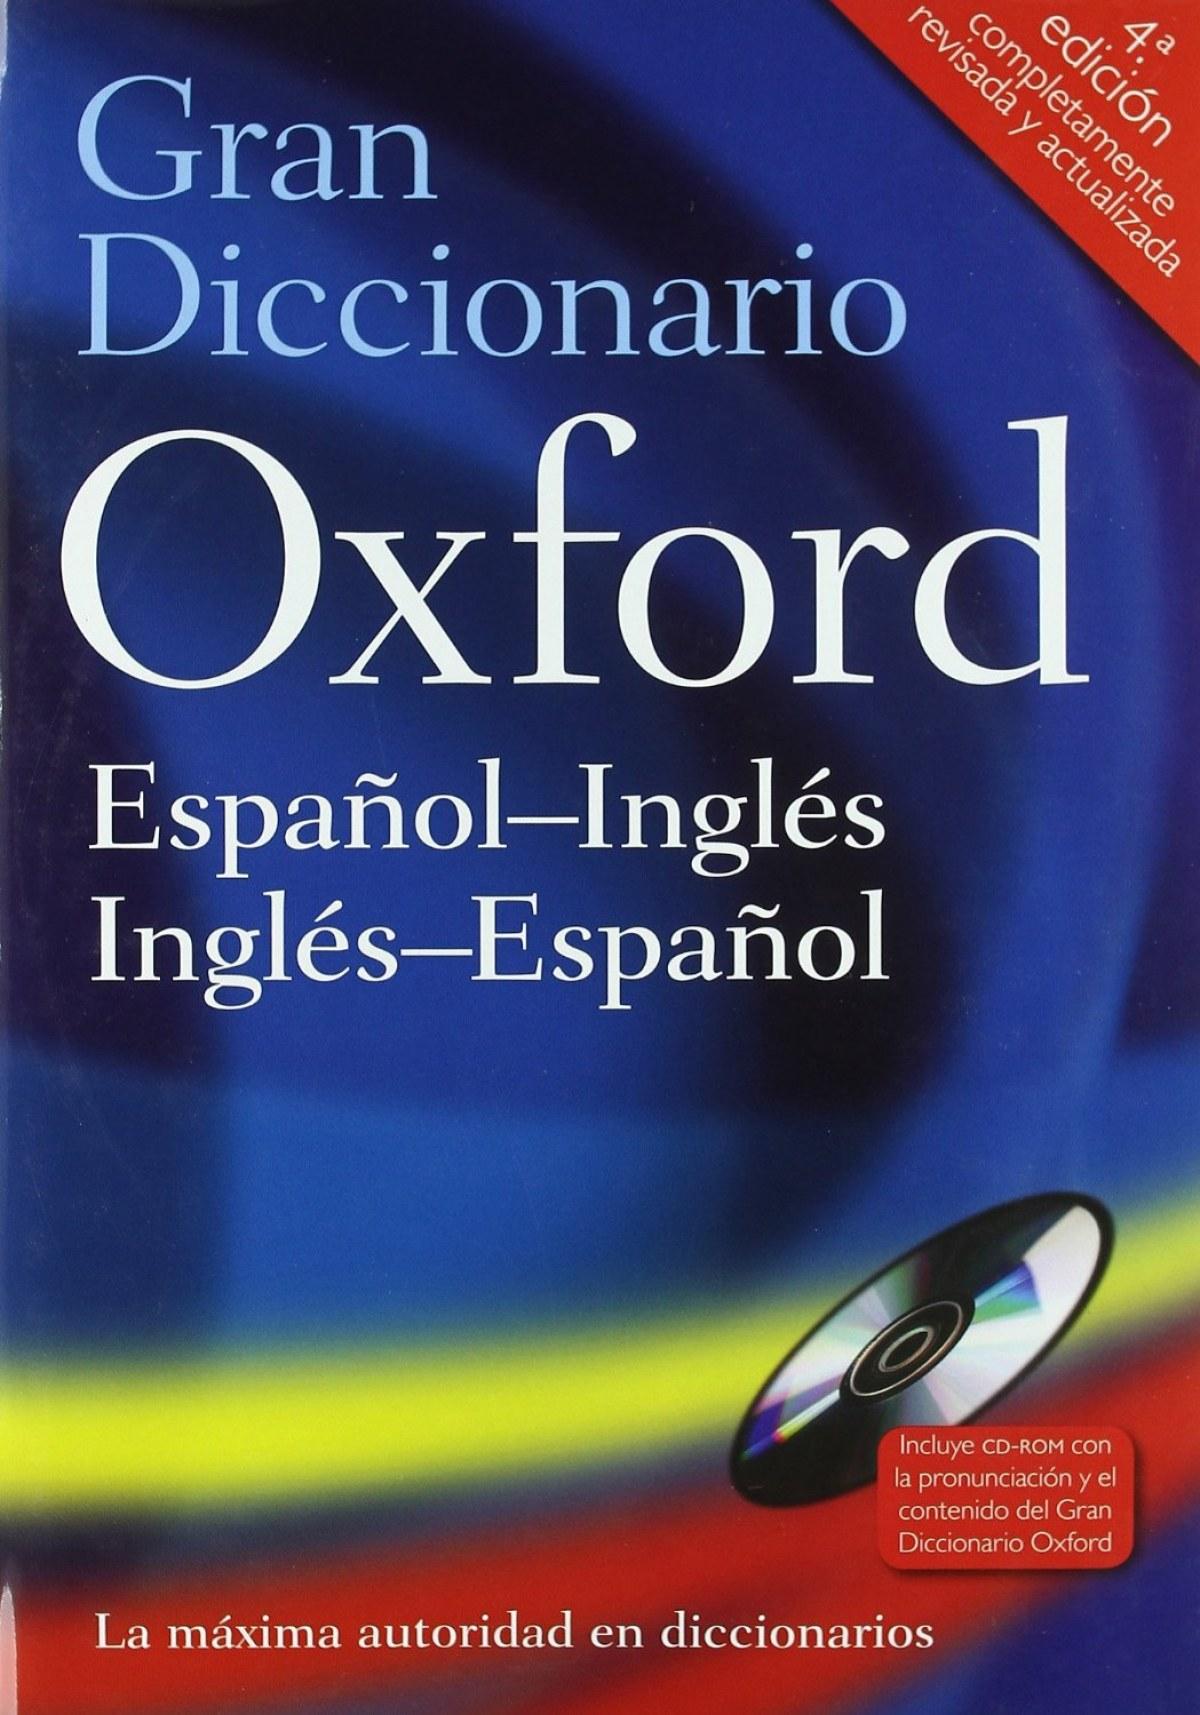 Gran Diccionario Oxford Español-Inglés/Inglés-Español 9780199547357